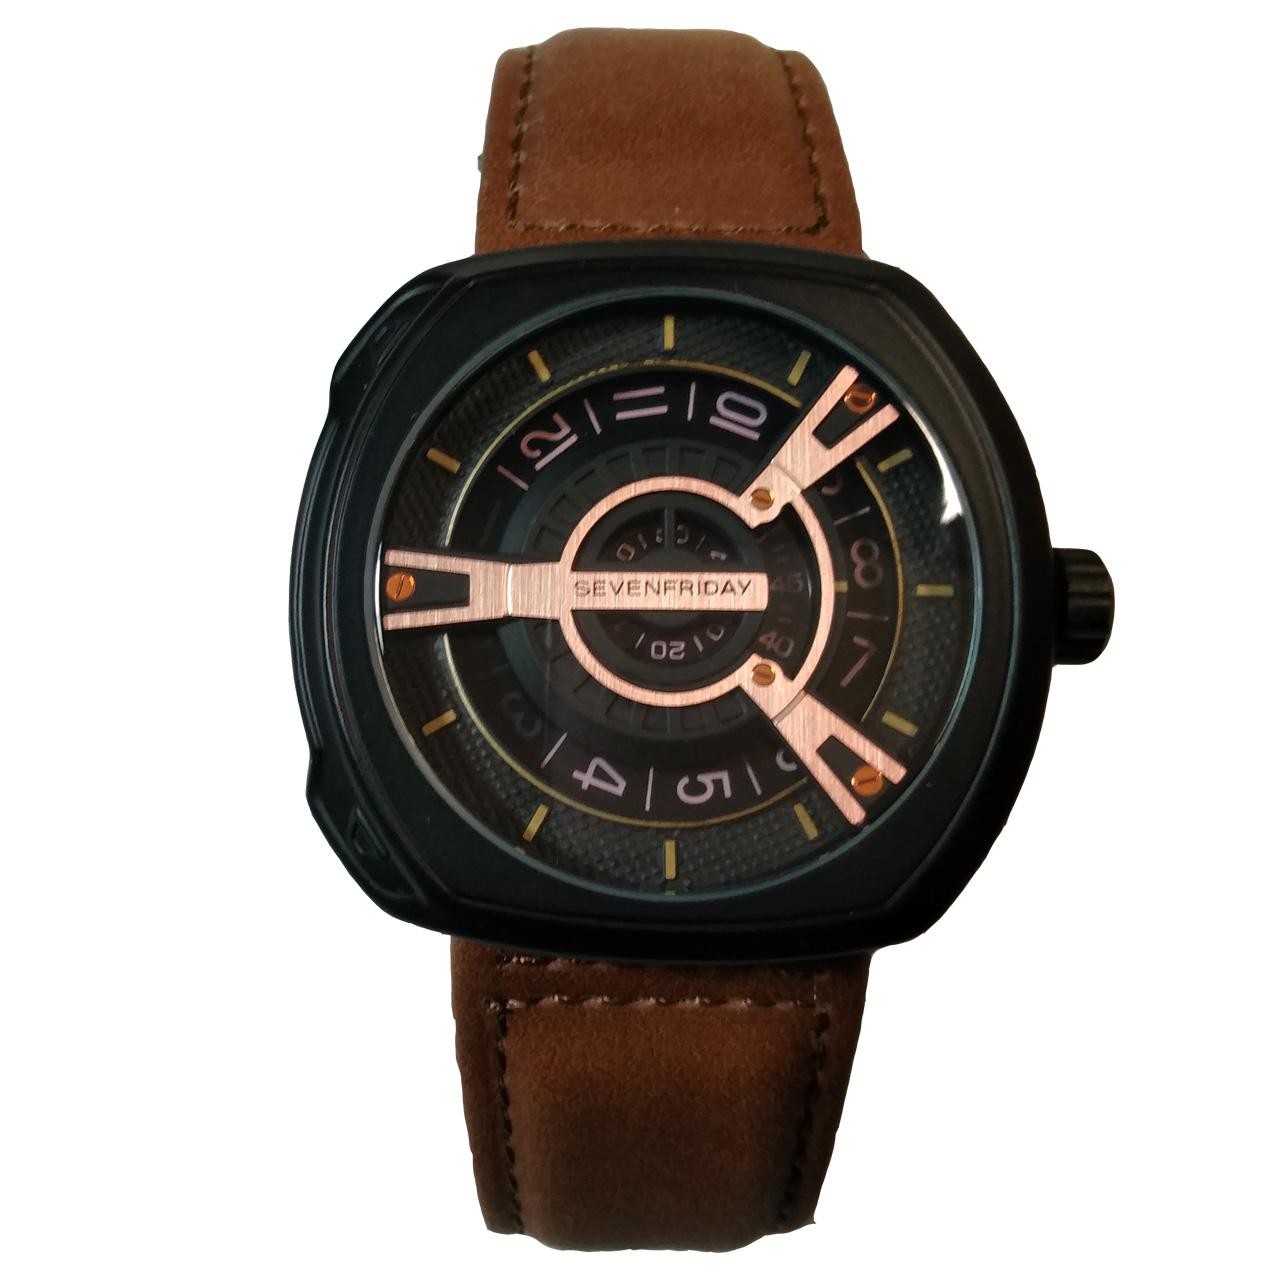 ساعت مچی عقربه ای مردانه مدل sf-v2/01